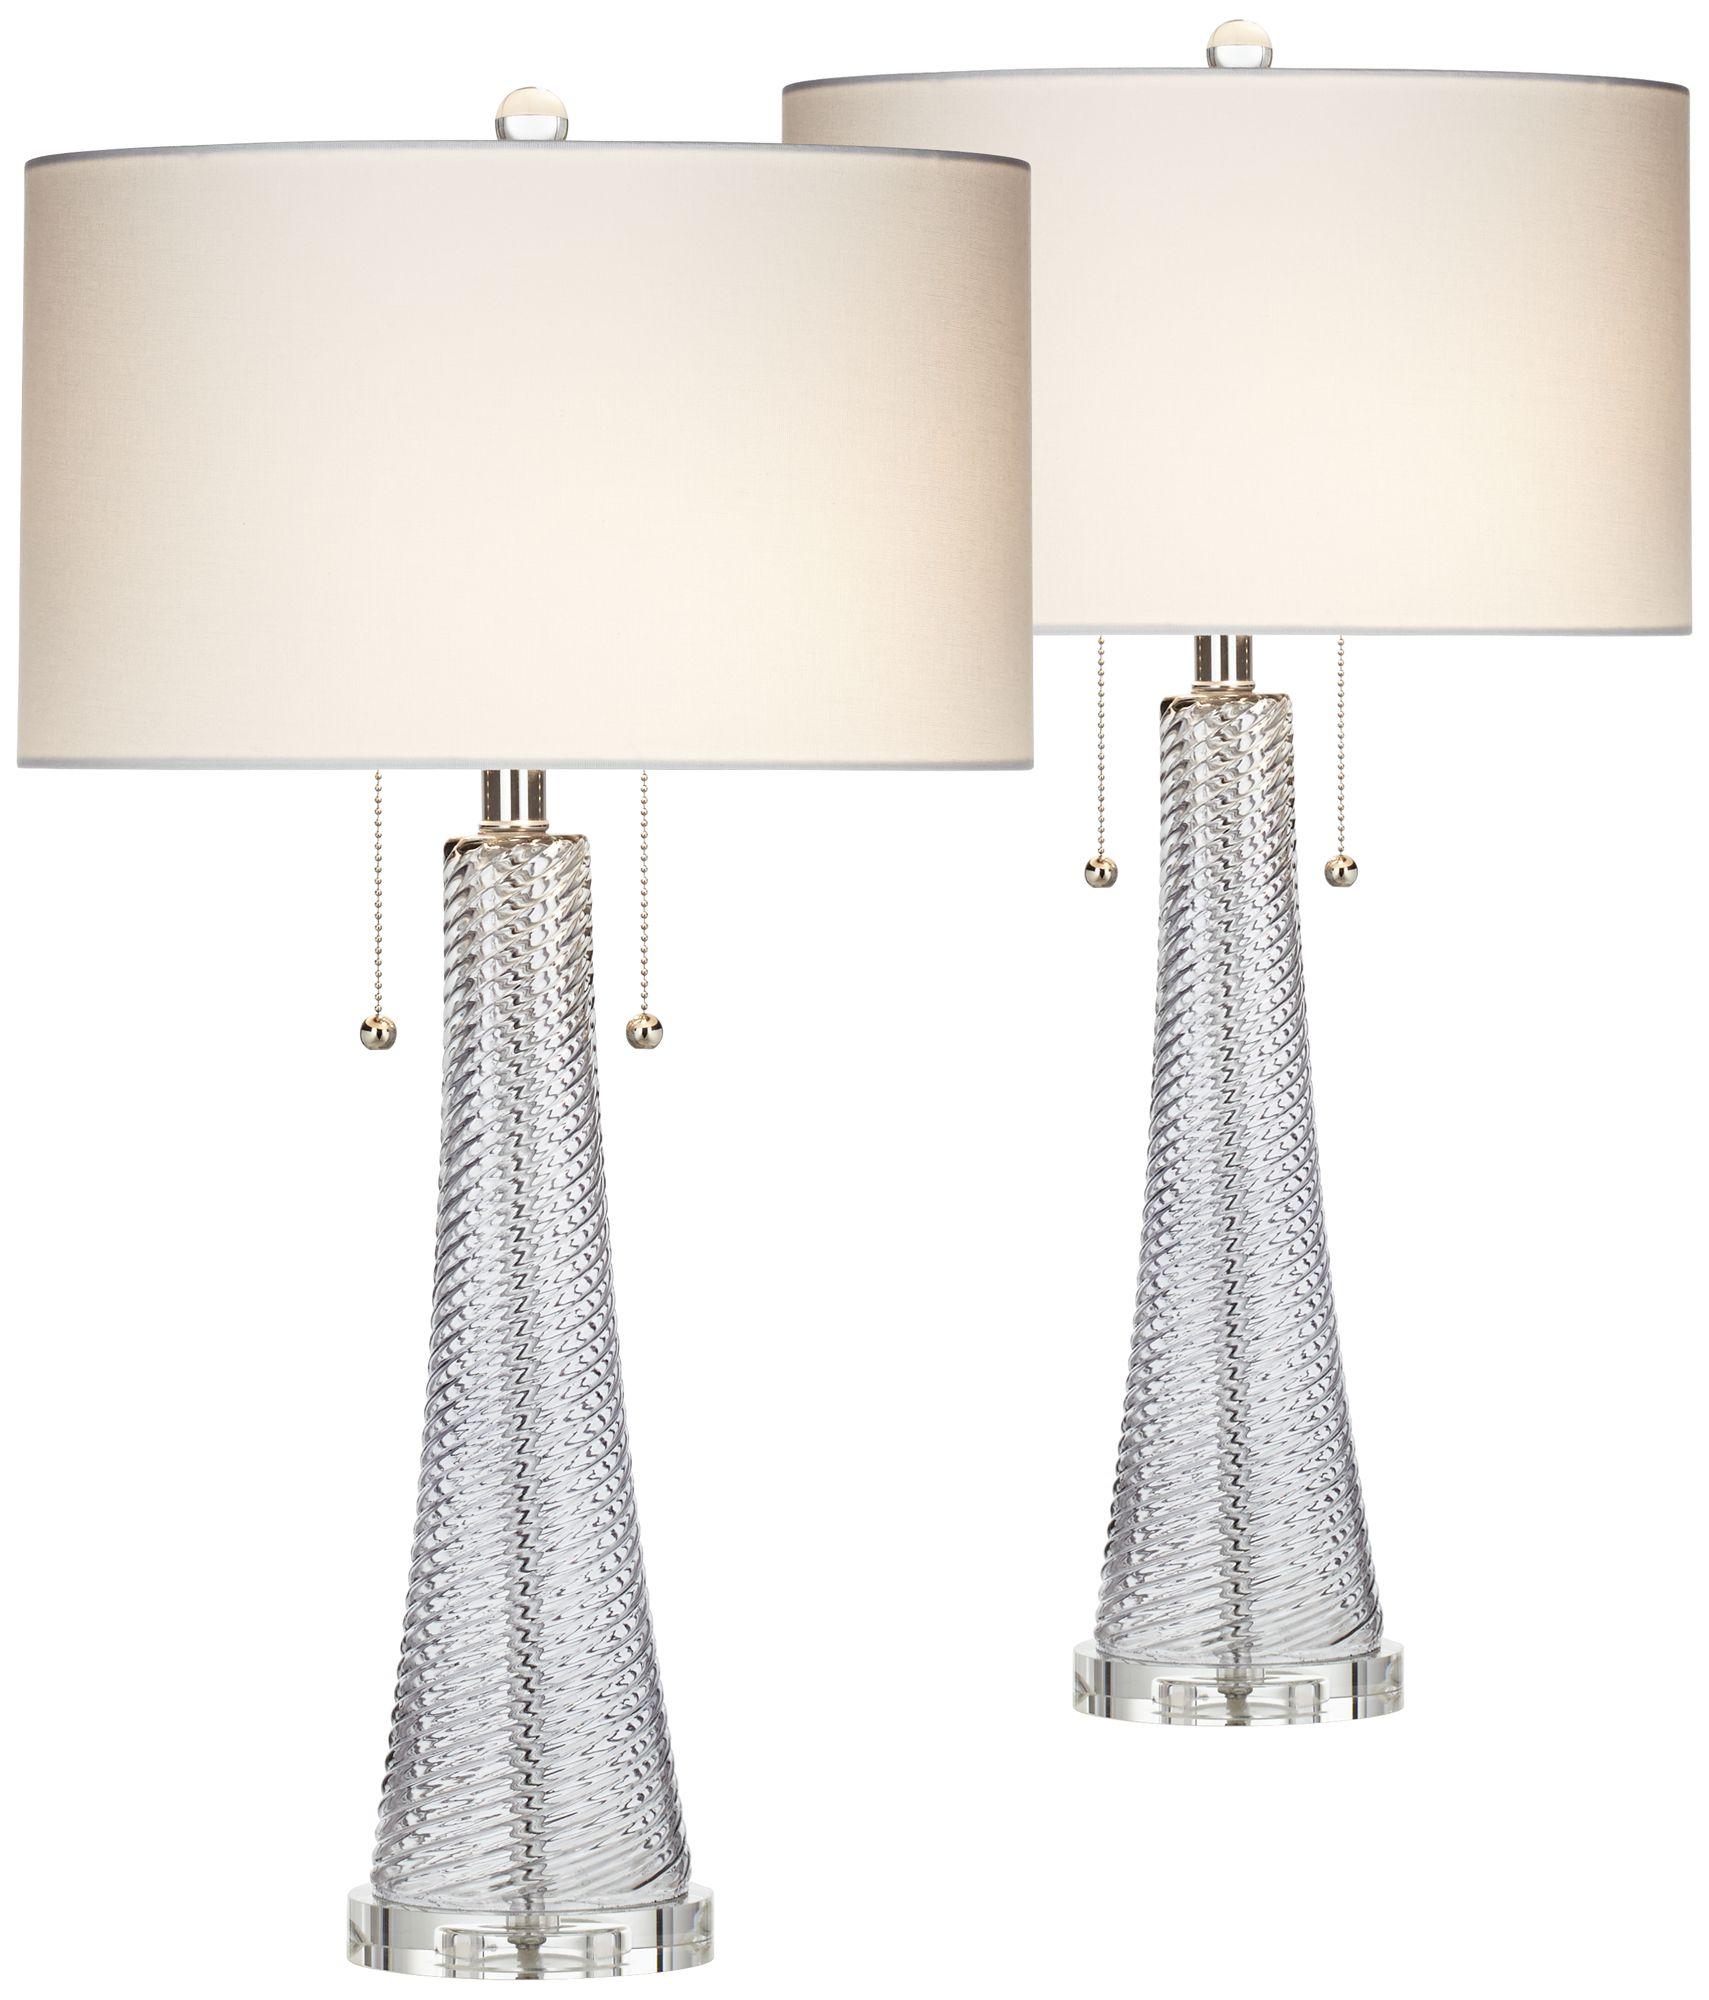 Possini Euro Design Table Lamps